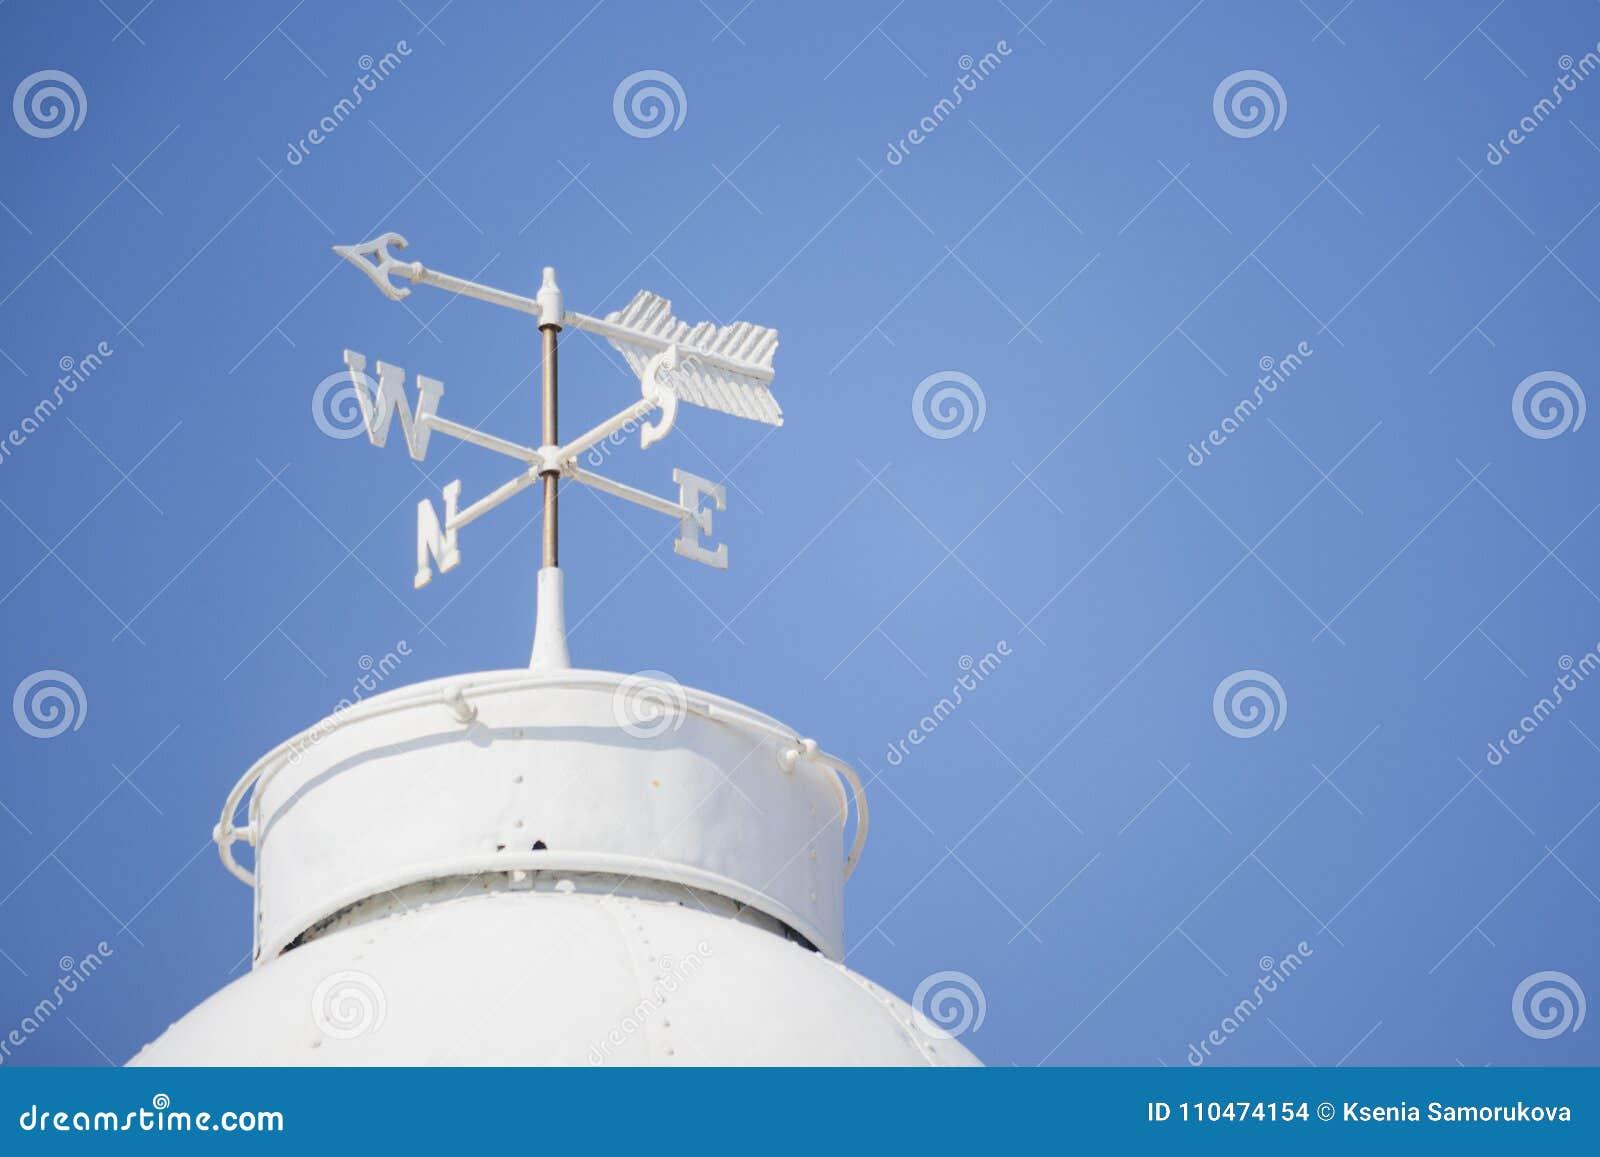 Paleta de tiempo blanca en el tejado